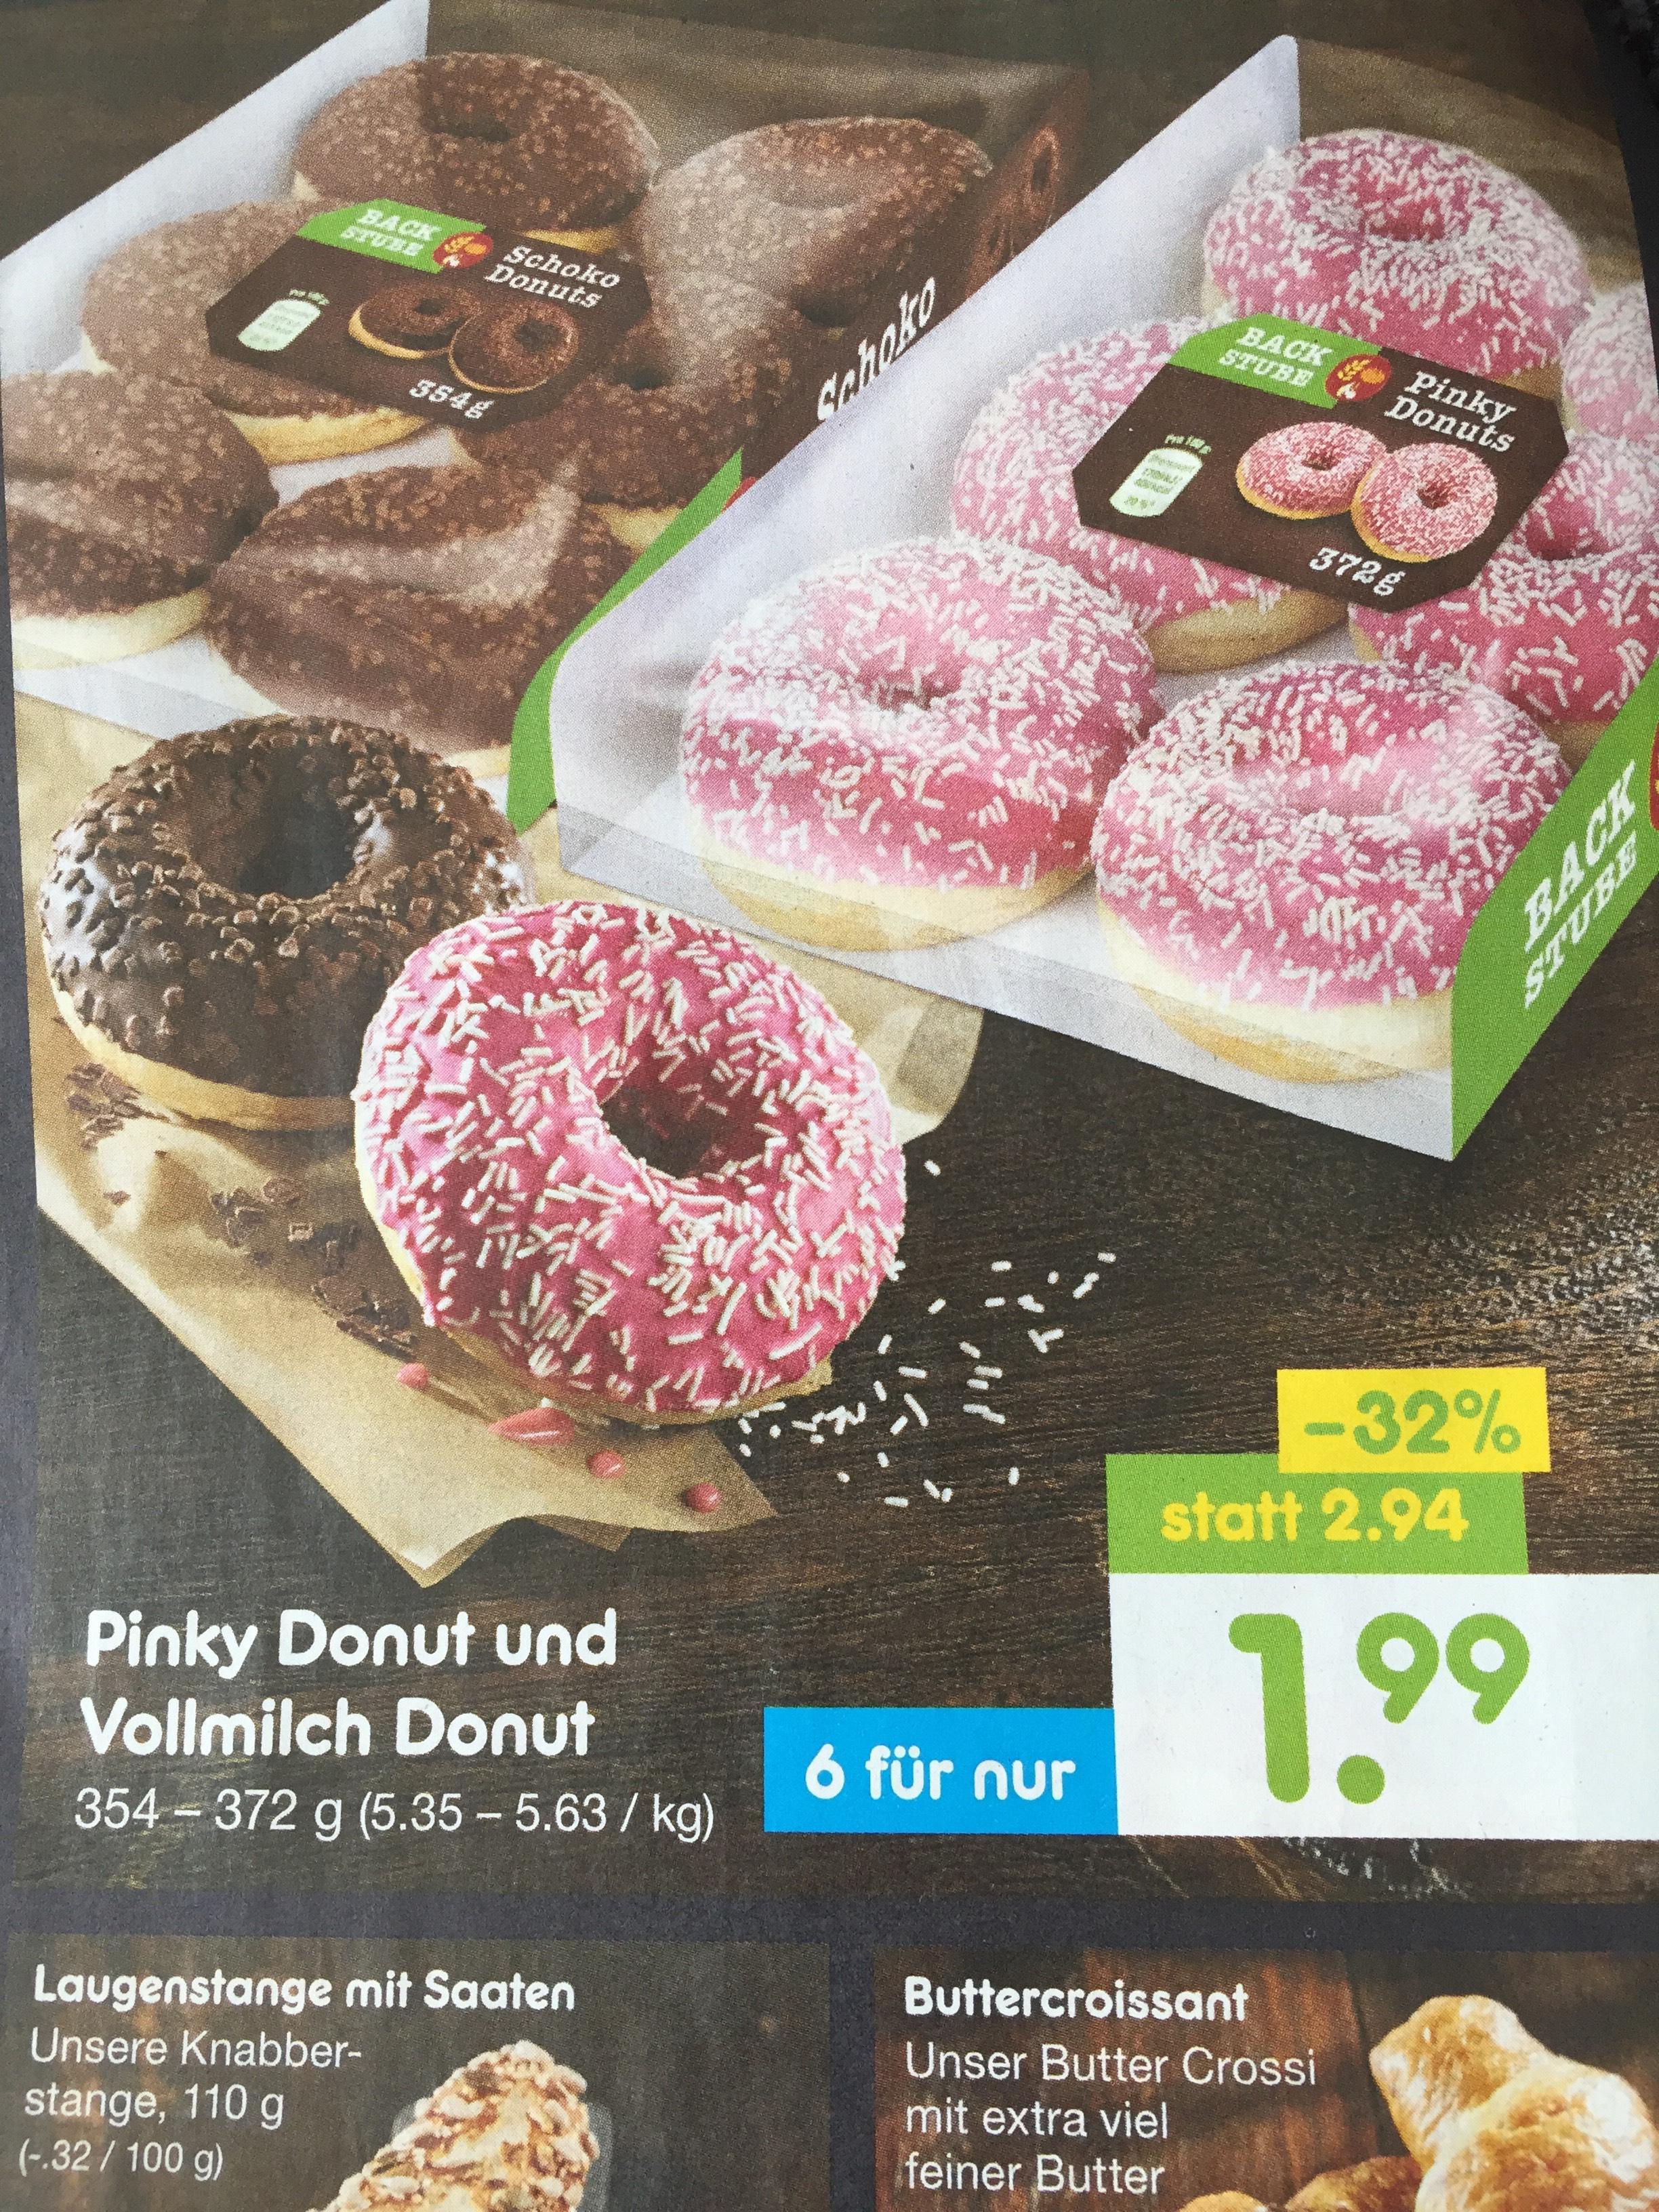 Netto MD haut den 6er Pack Donuts für 1,99€ raus